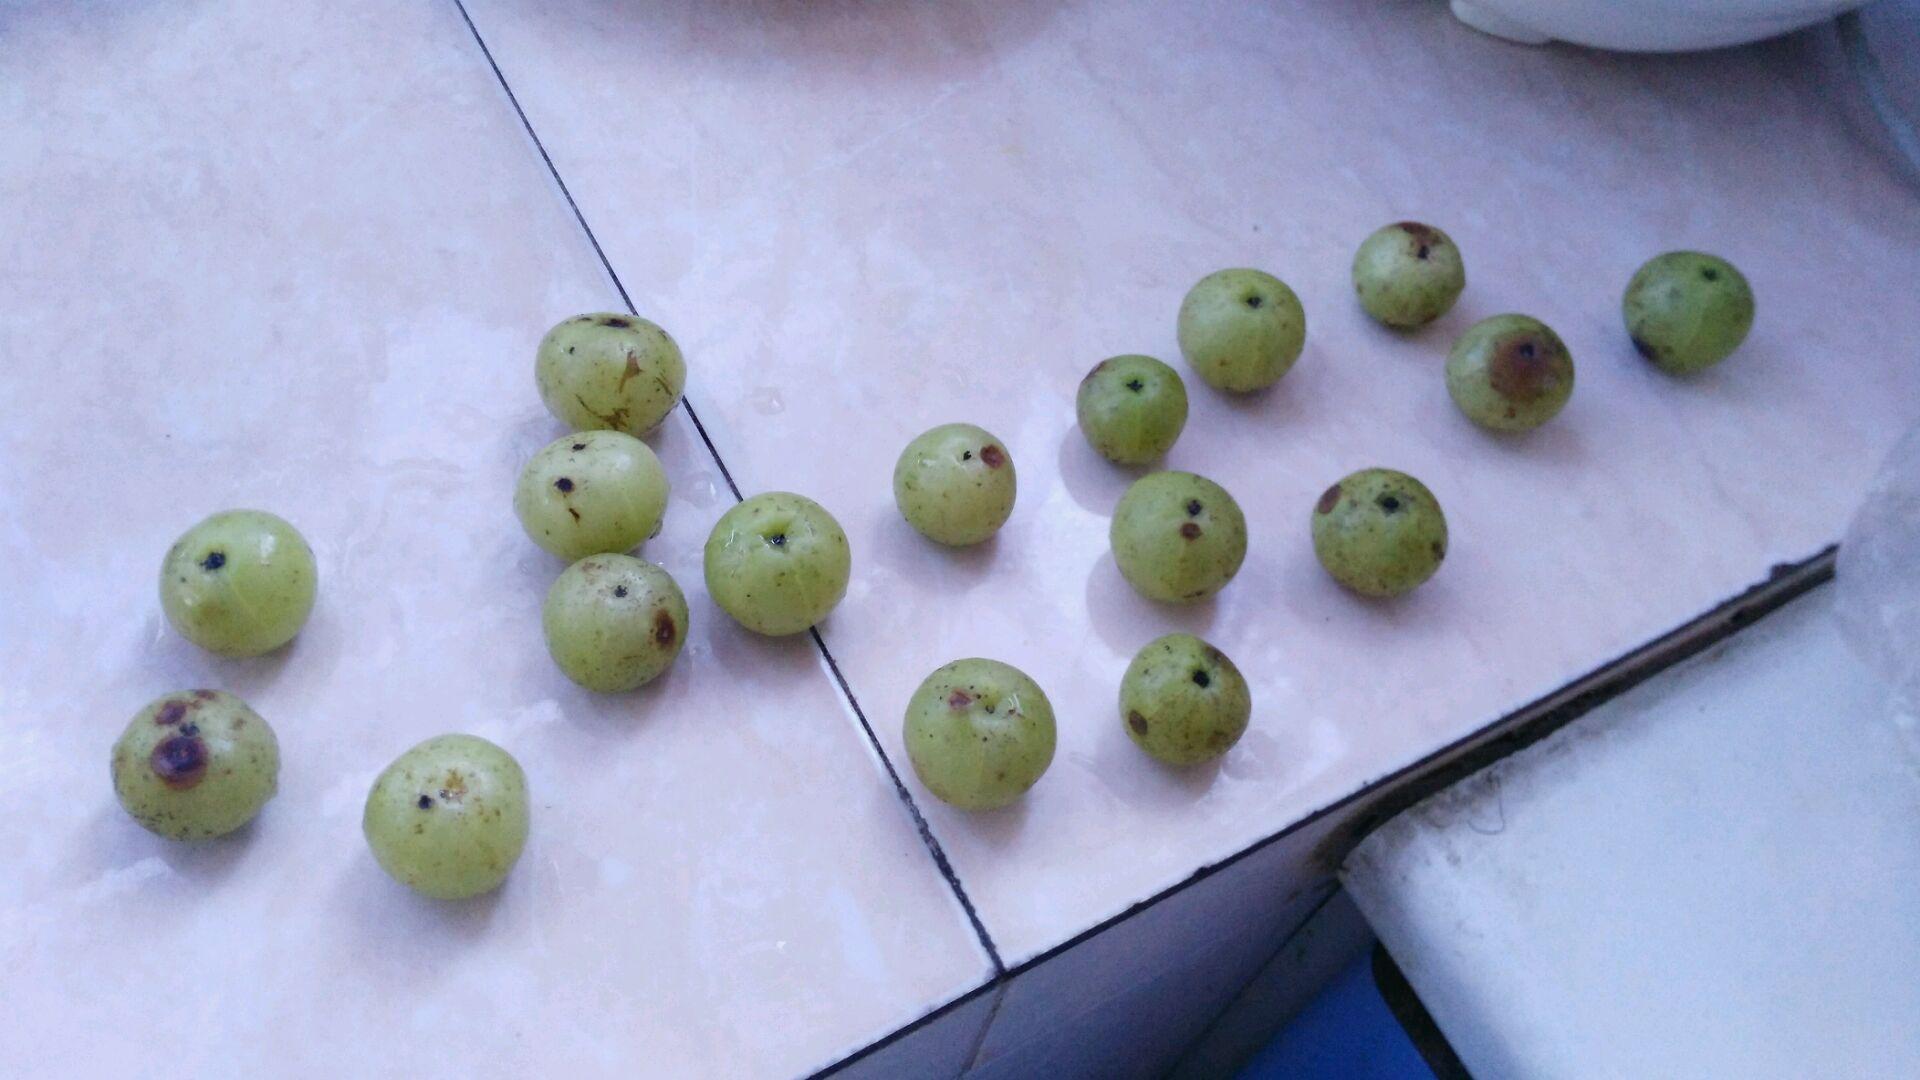 泡甘草橄榄的做法步骤